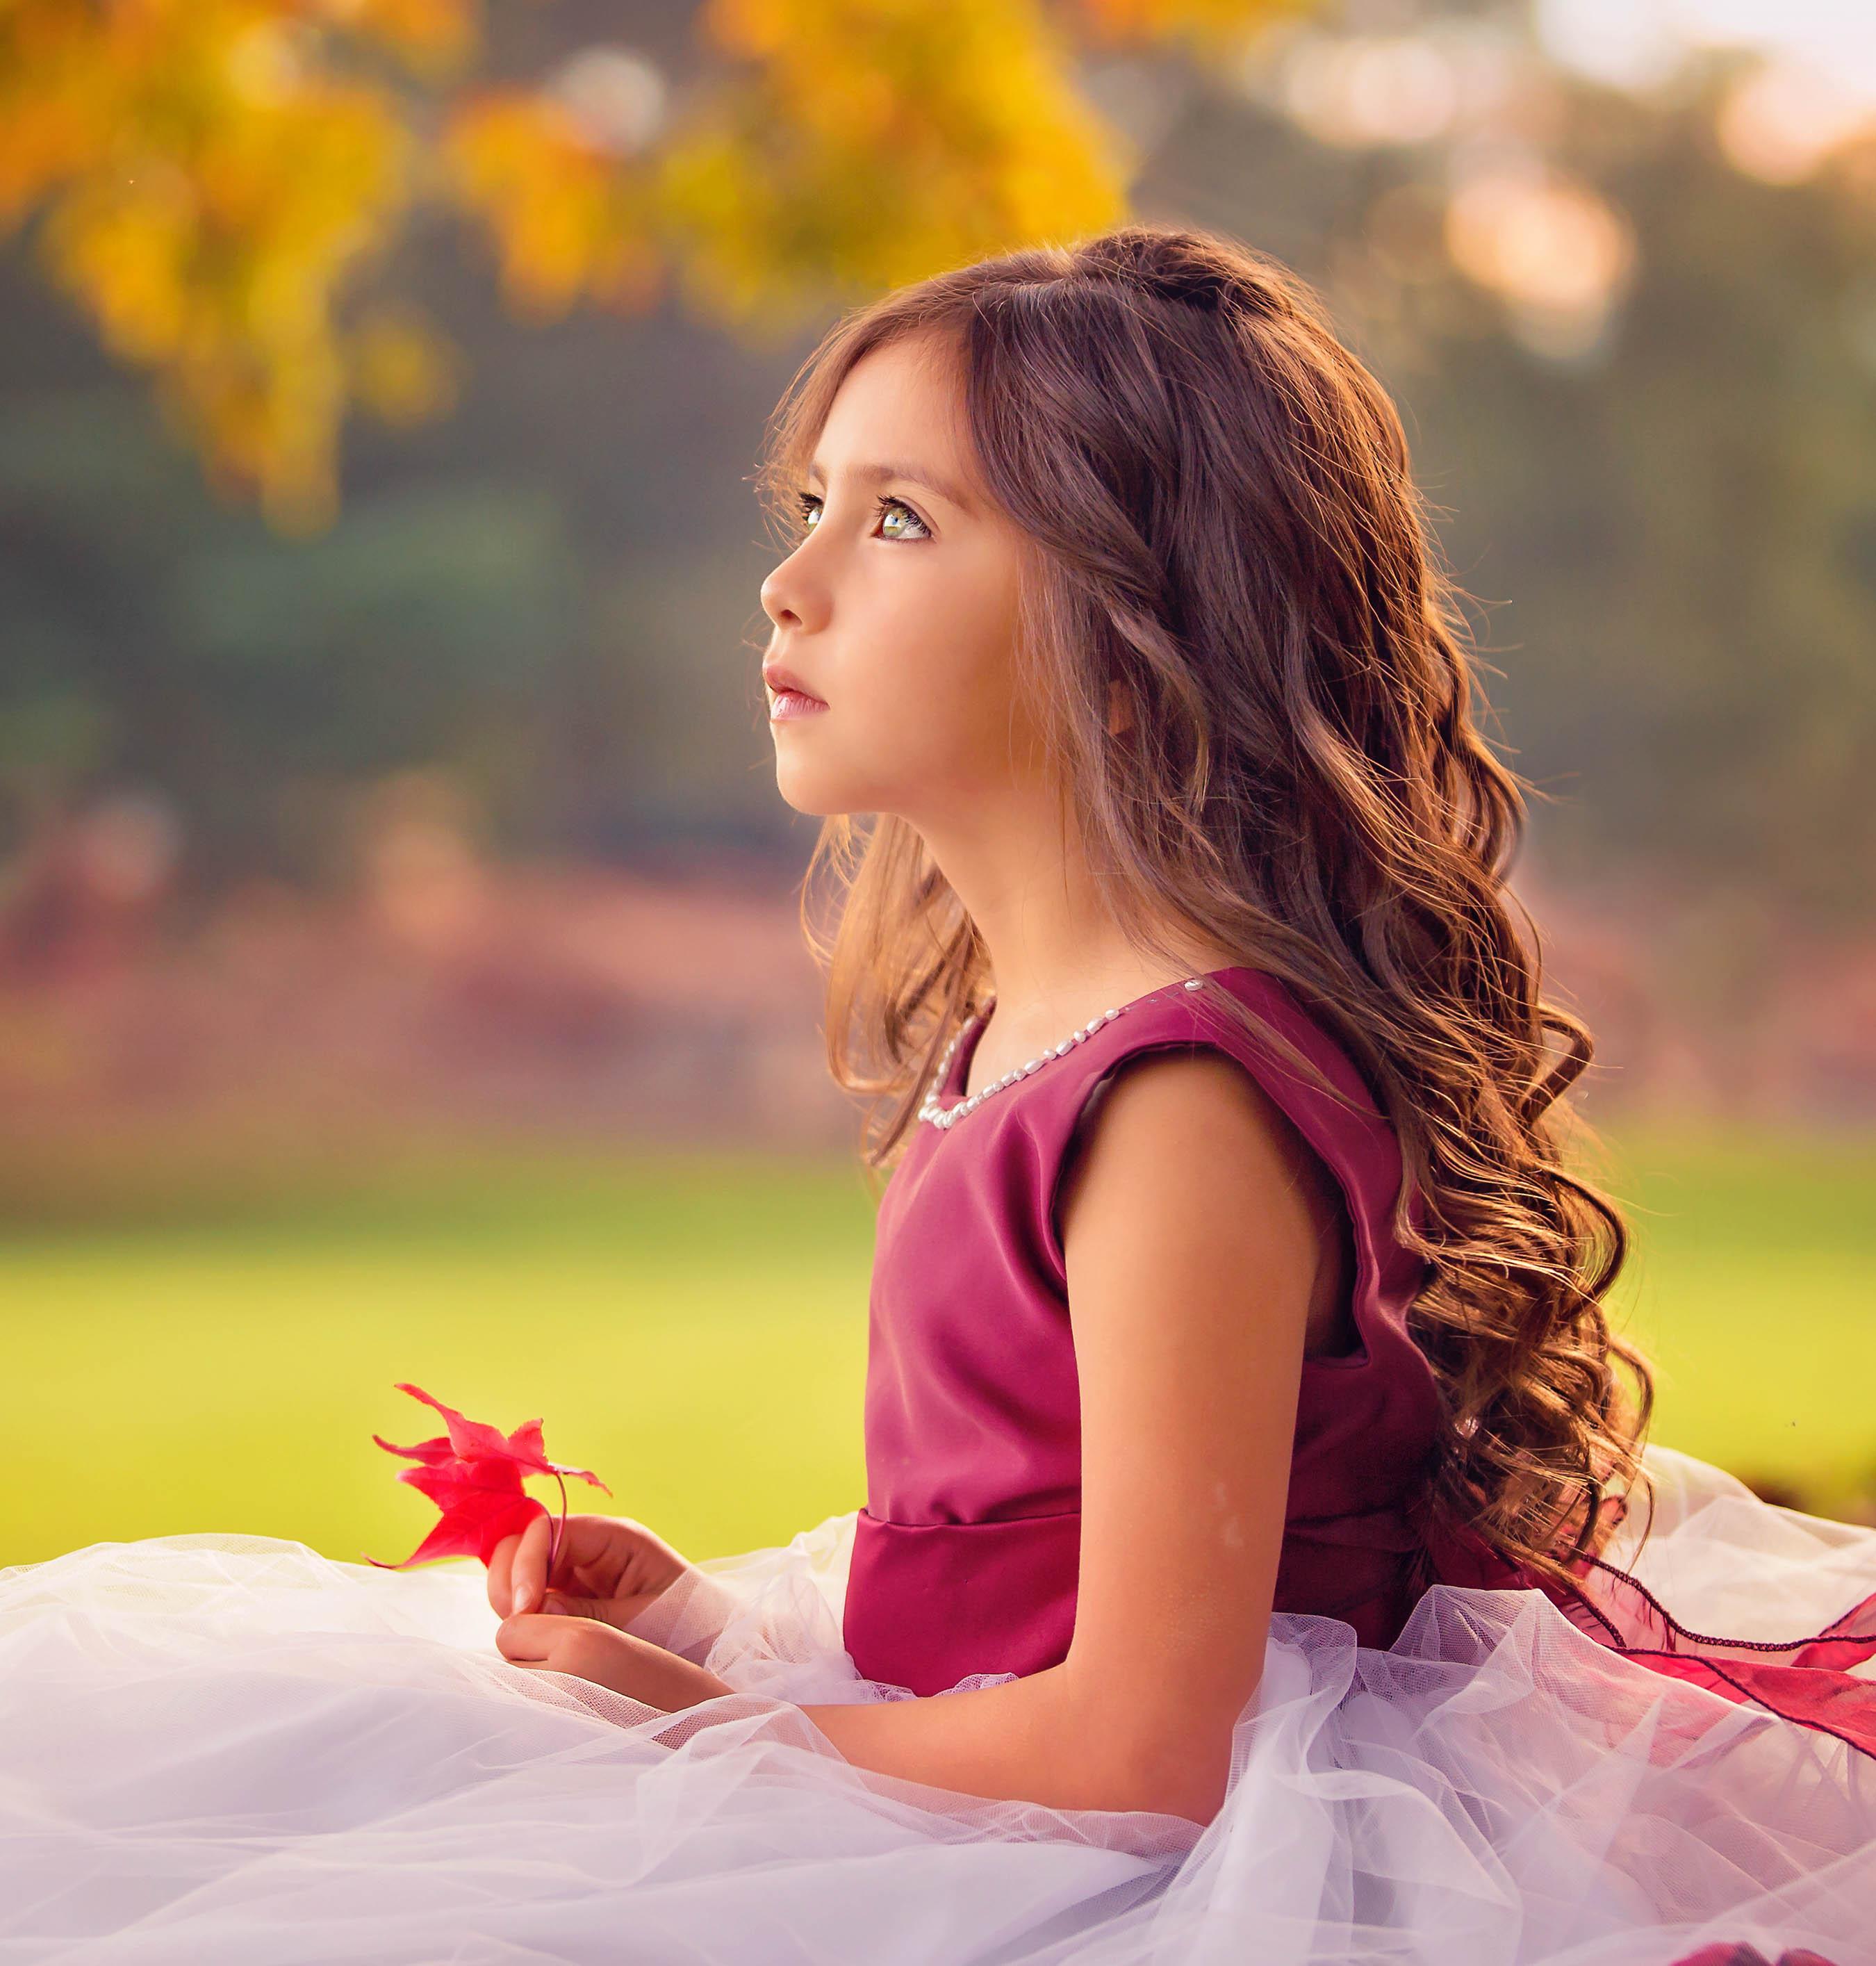 make a dream come true: be princess